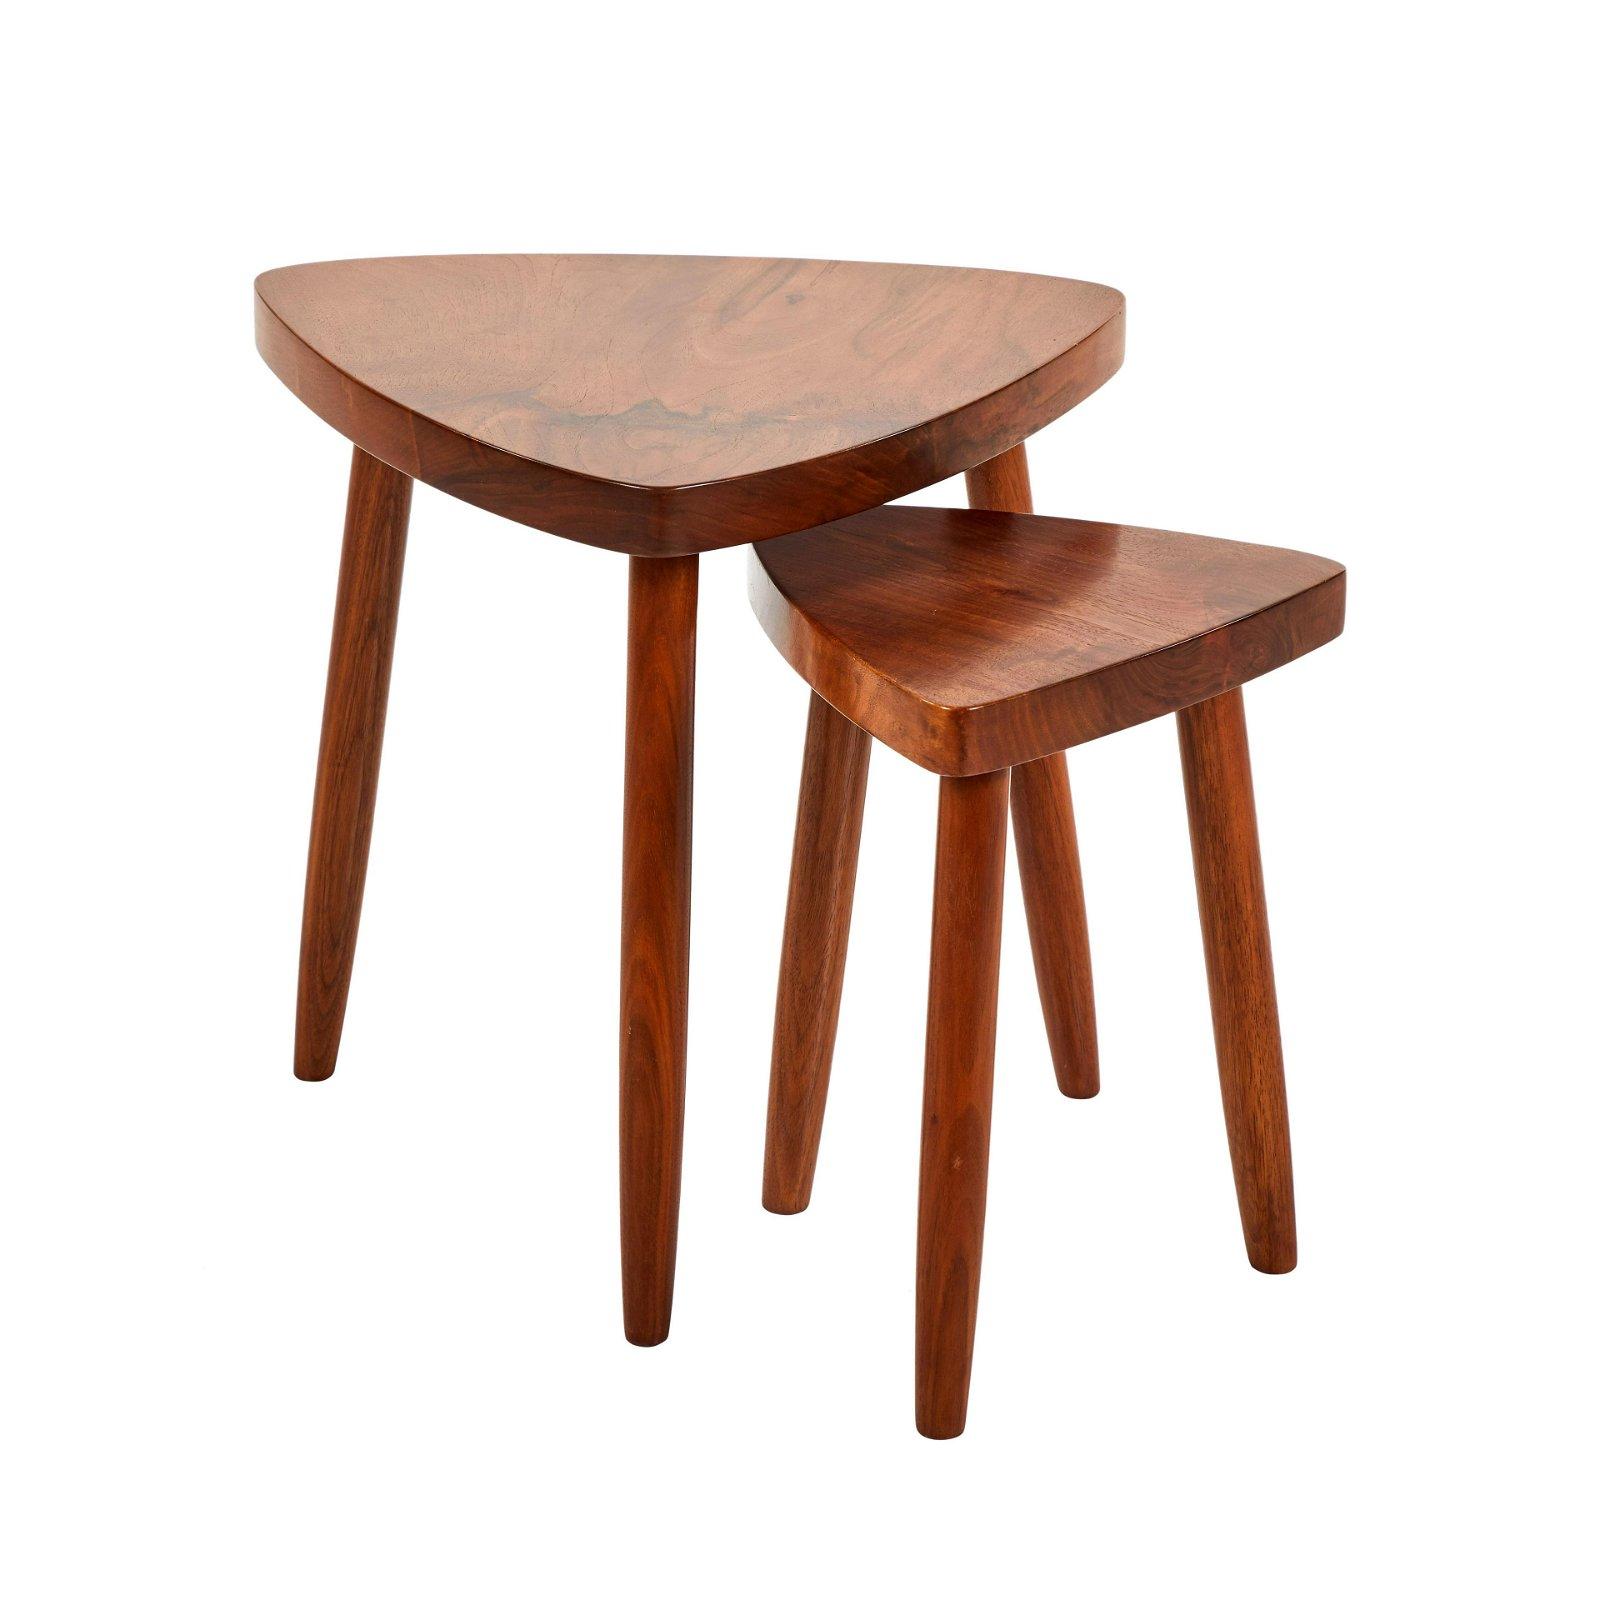 George Nakashima Style Nesting Tables (2)